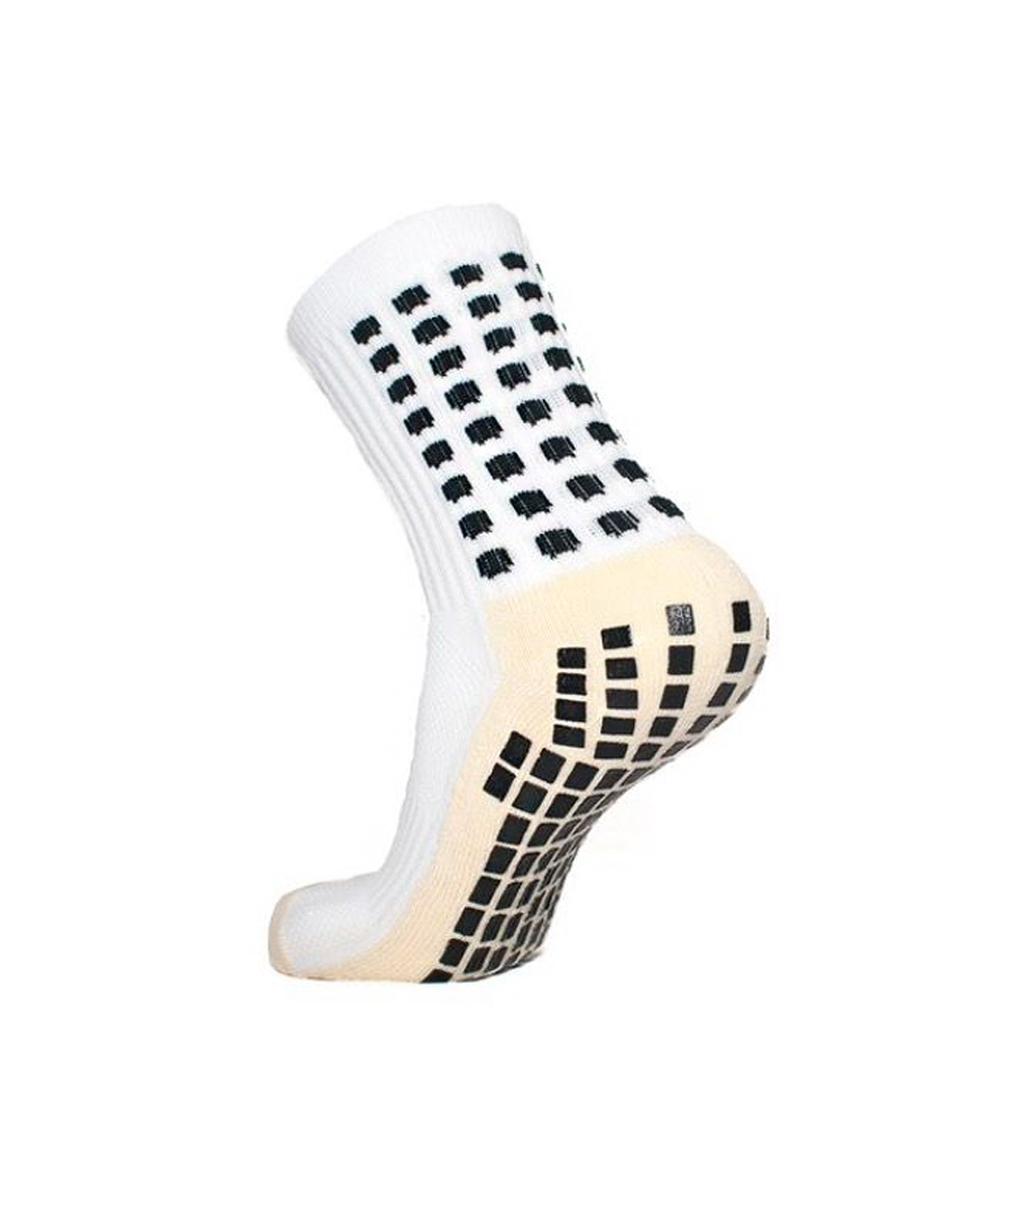 Купить Белые футбольные носки – противоскользящие